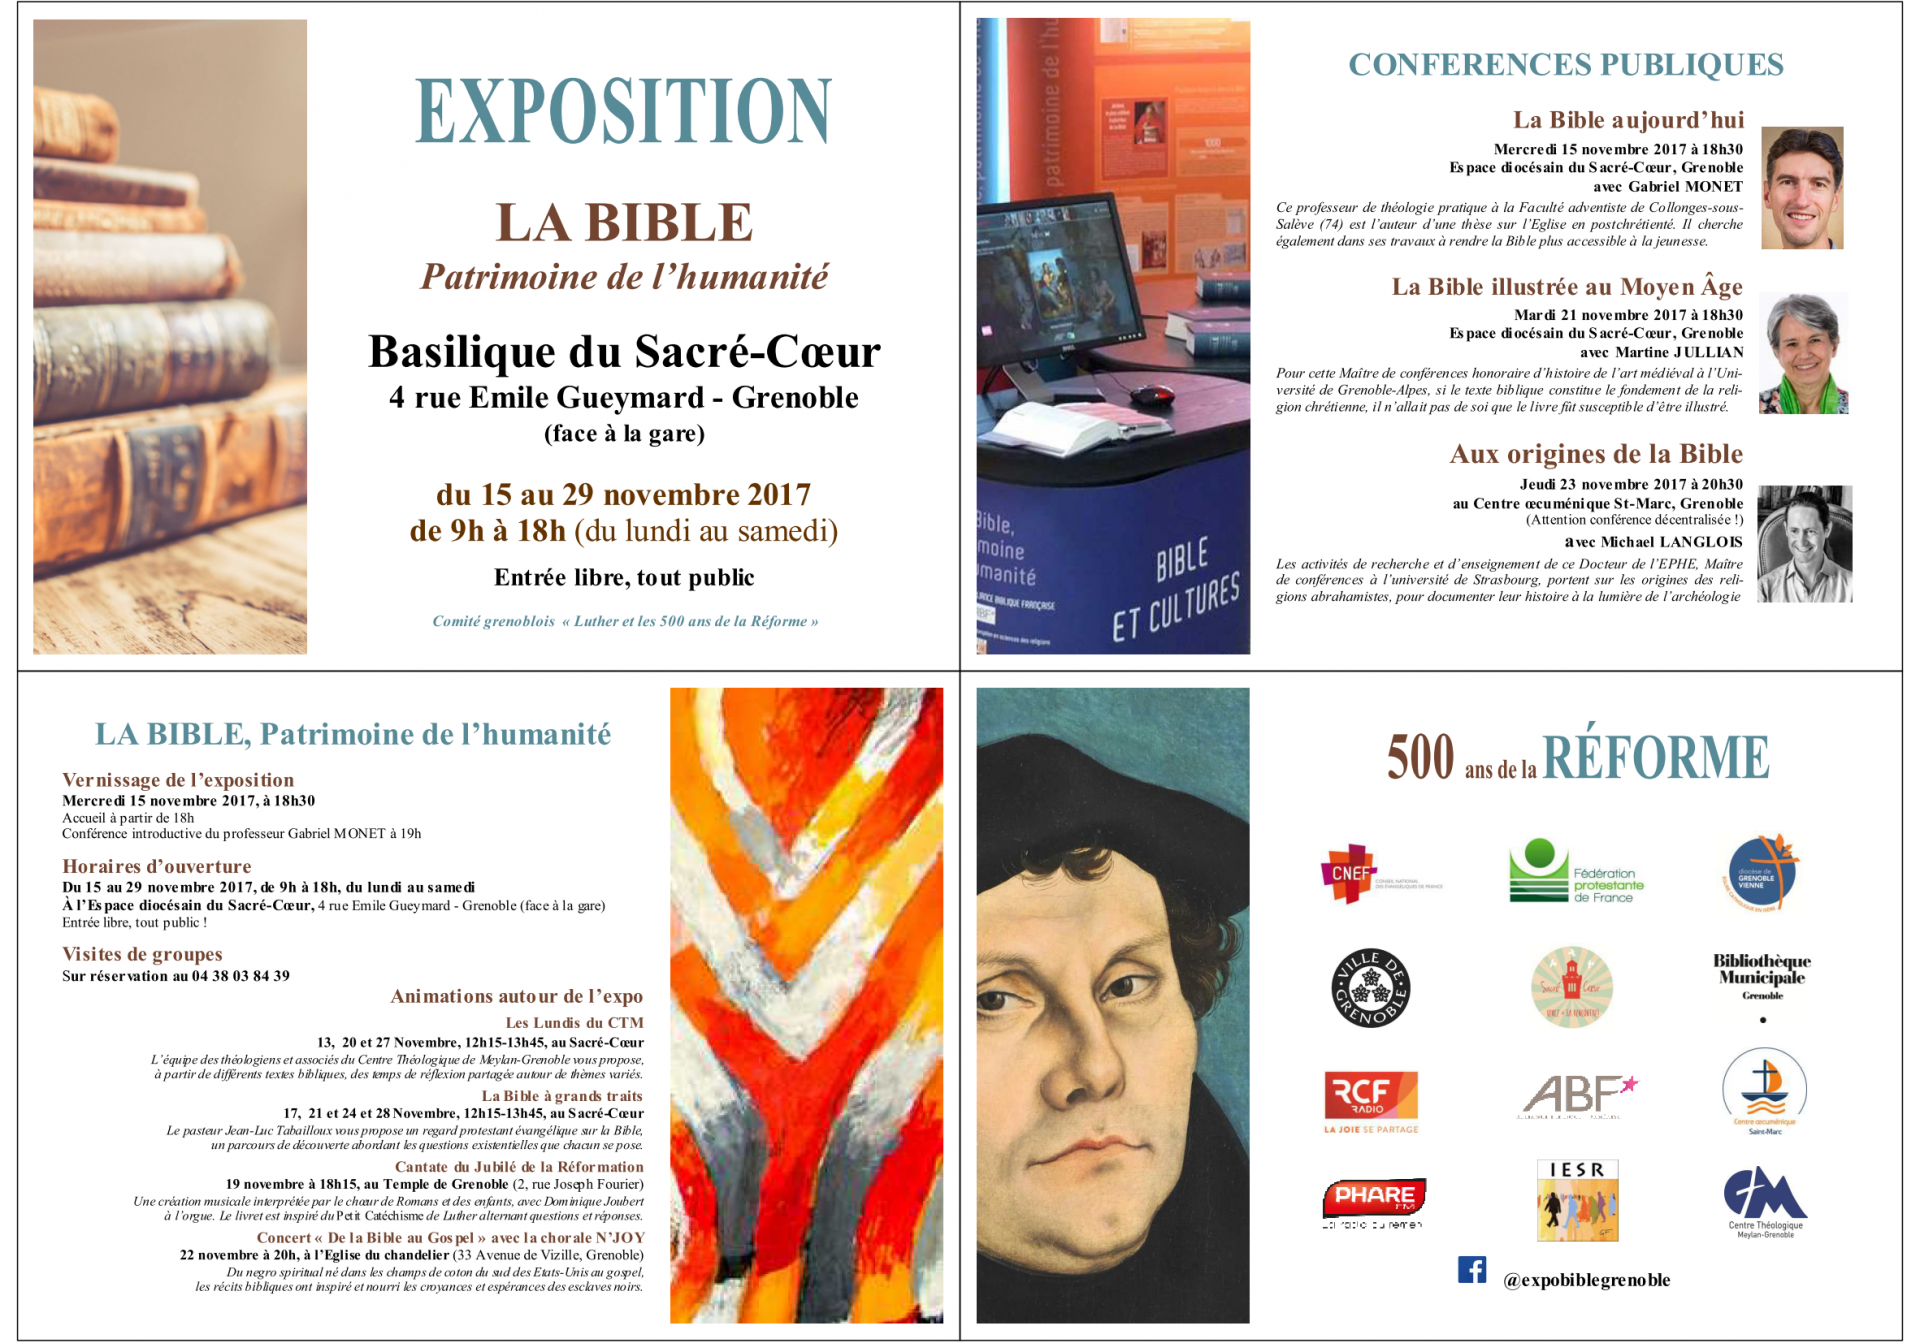 Plaquette expo bible definitif 4p en 1 leger pour internet 01